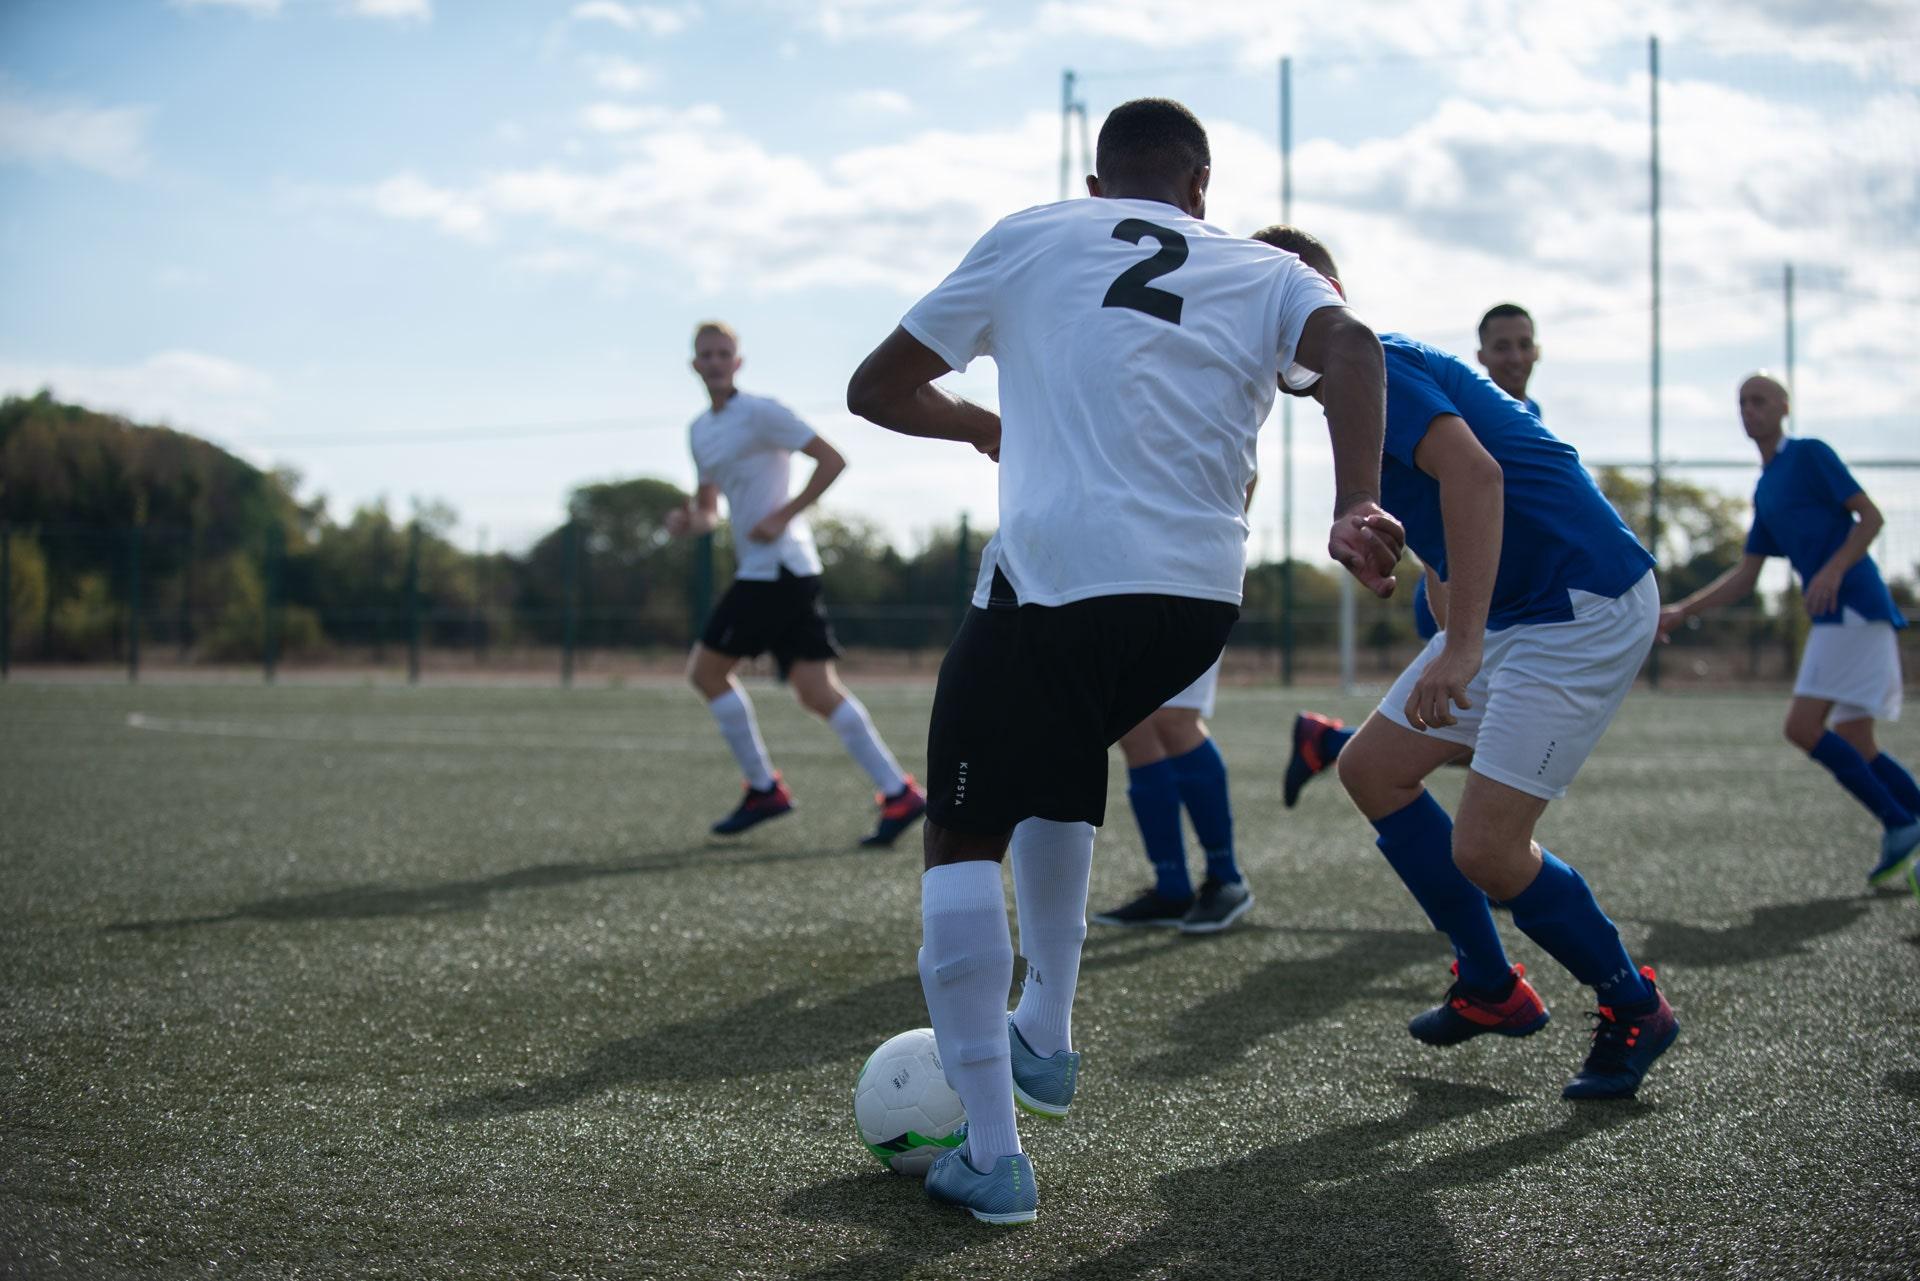 kipsta vie des clubs joueurs de foot